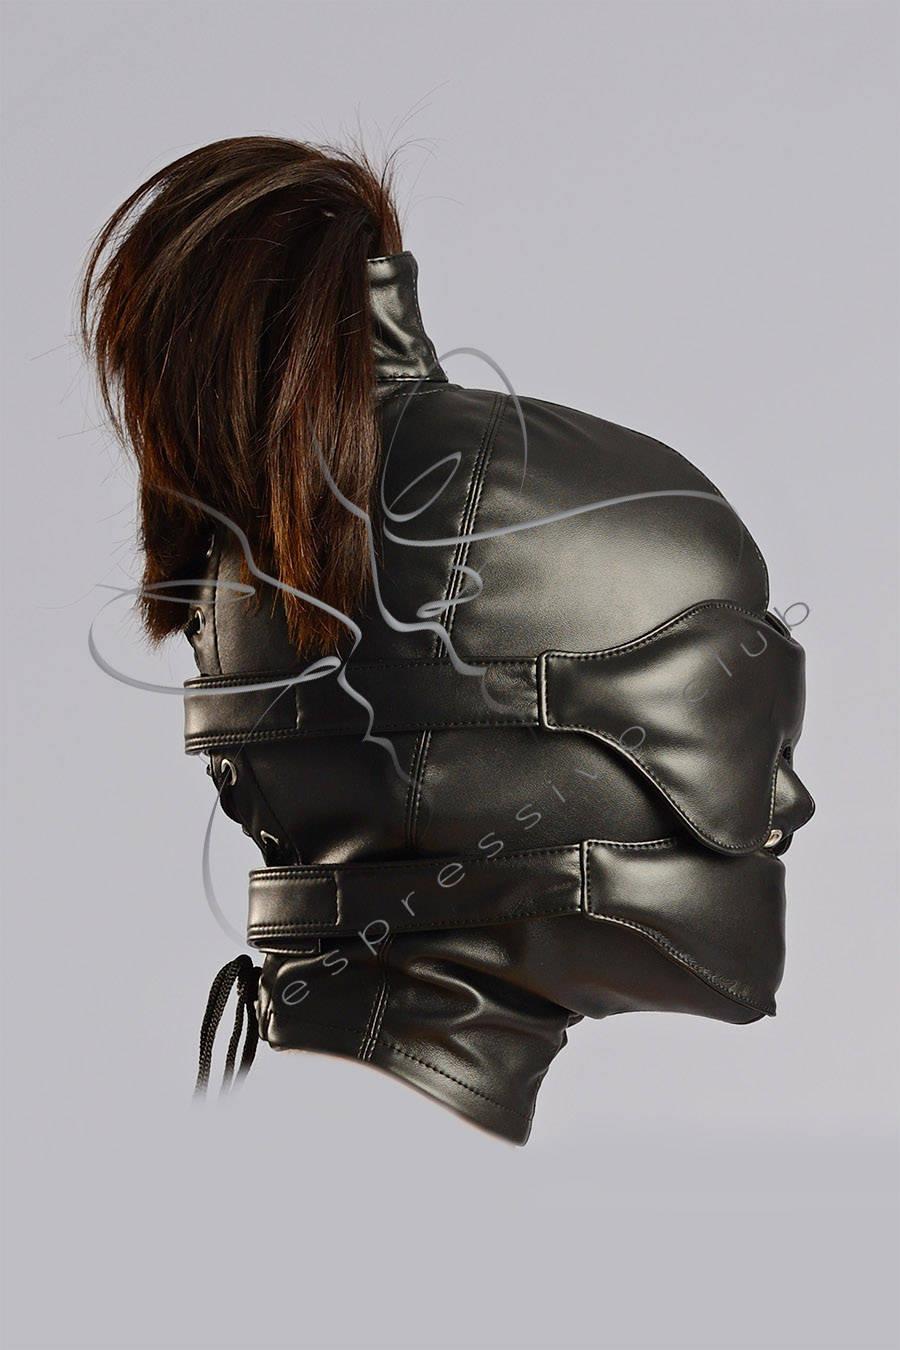 Leather Ponytail Hood Leather Blindfold  Muffle Gag-6138